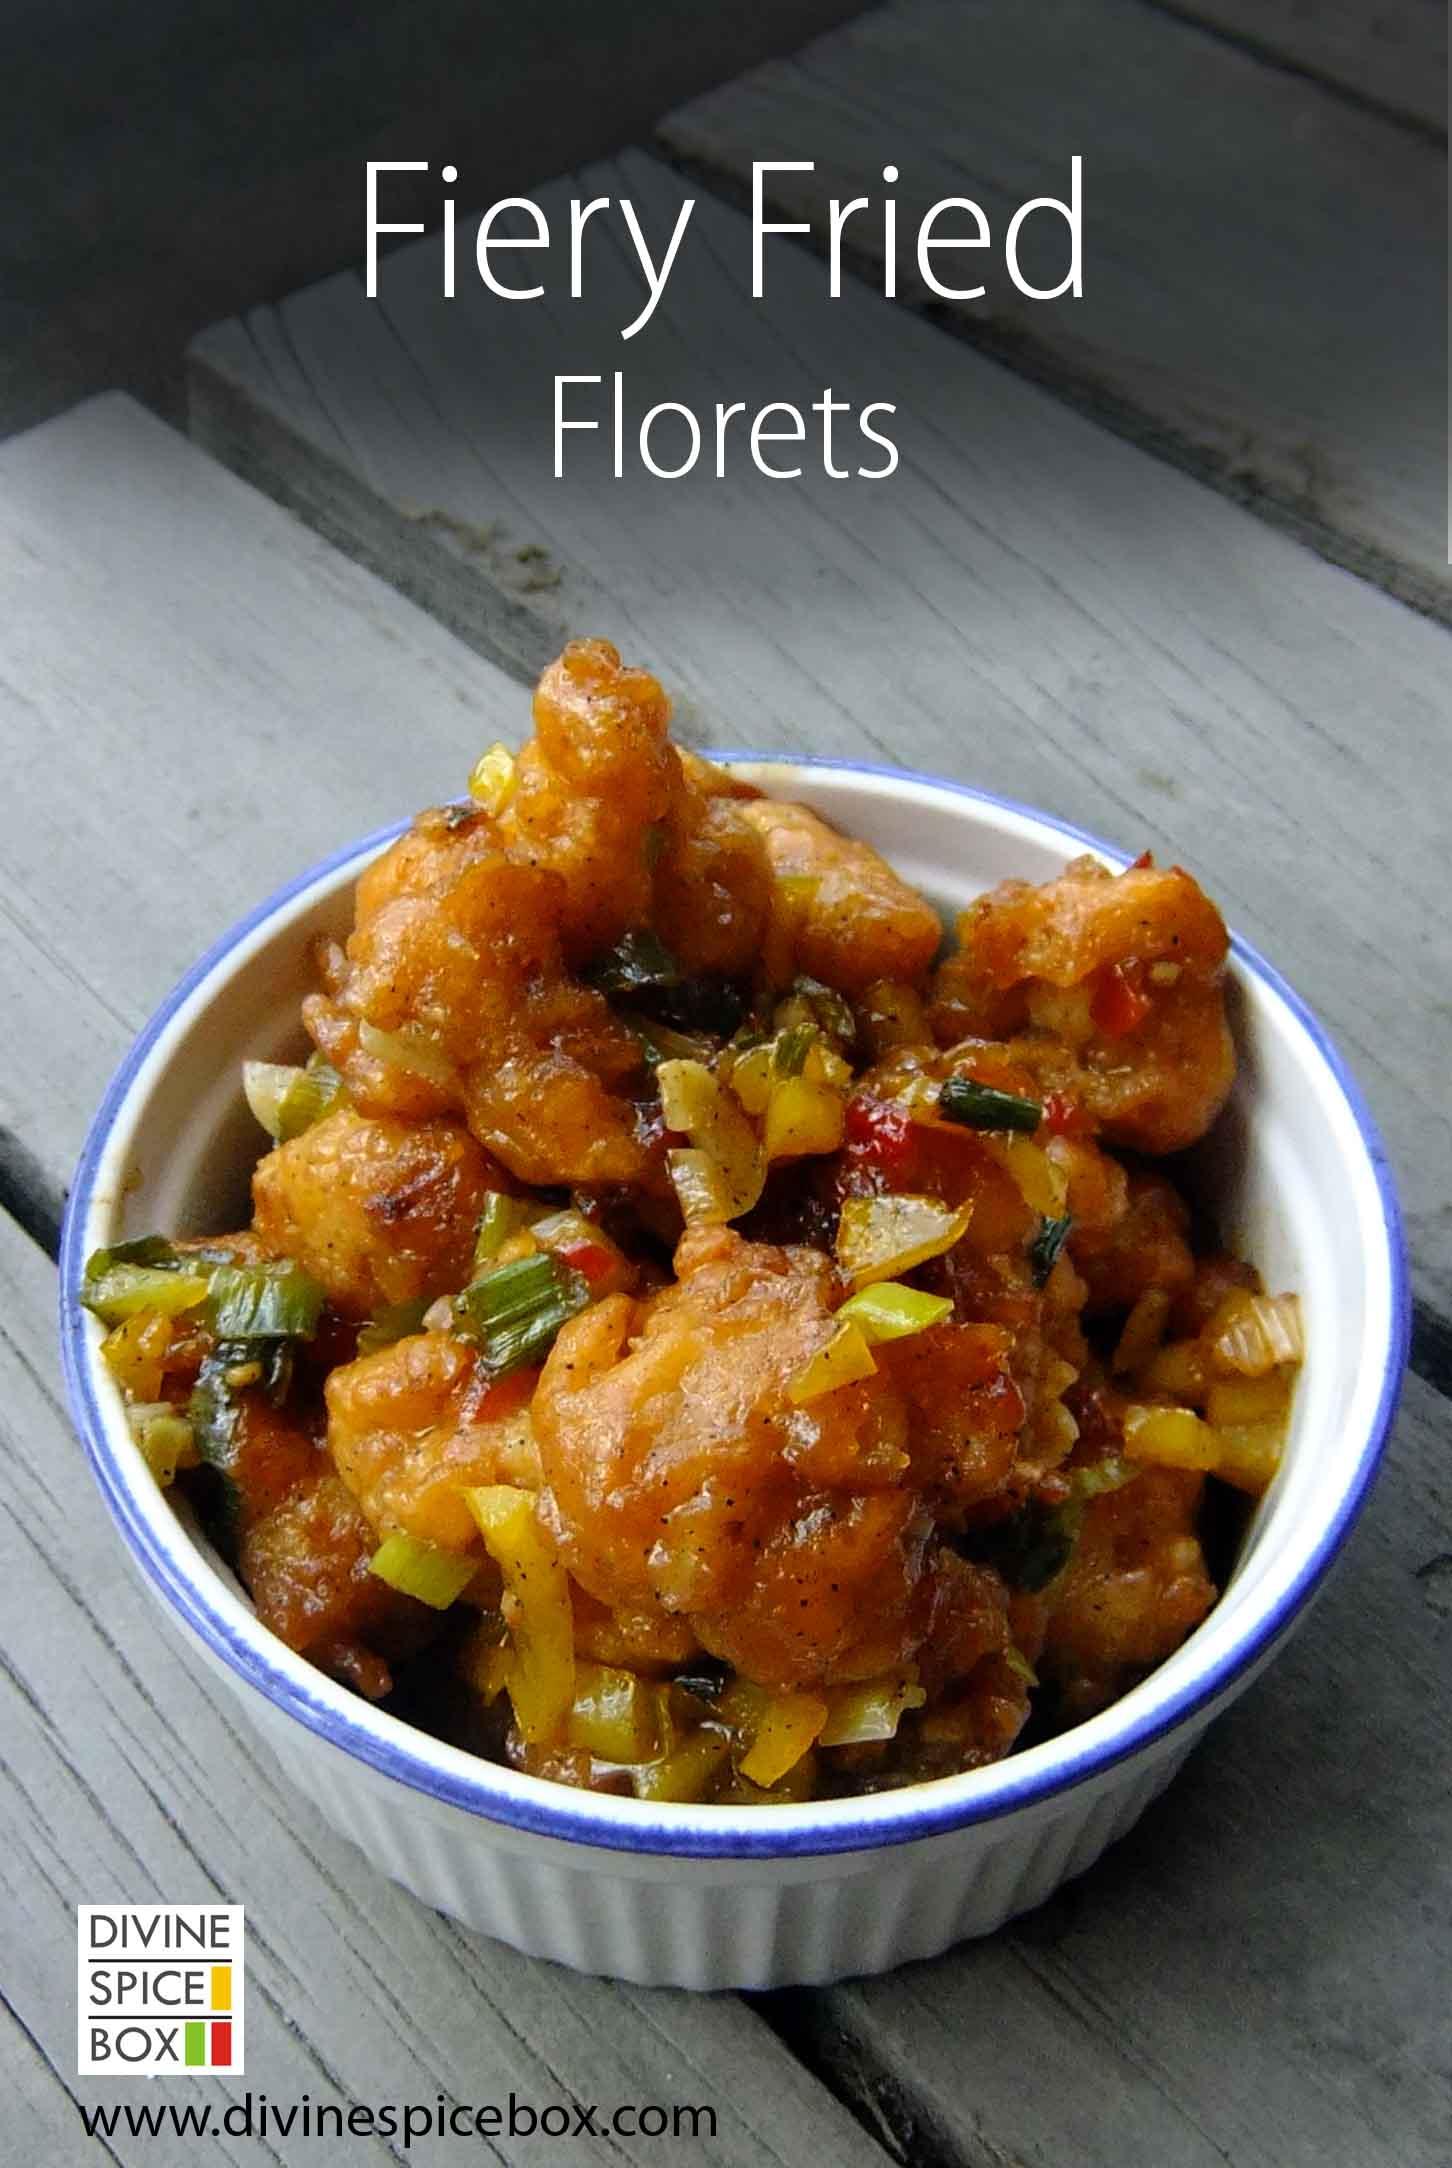 Fiery Fried Florets